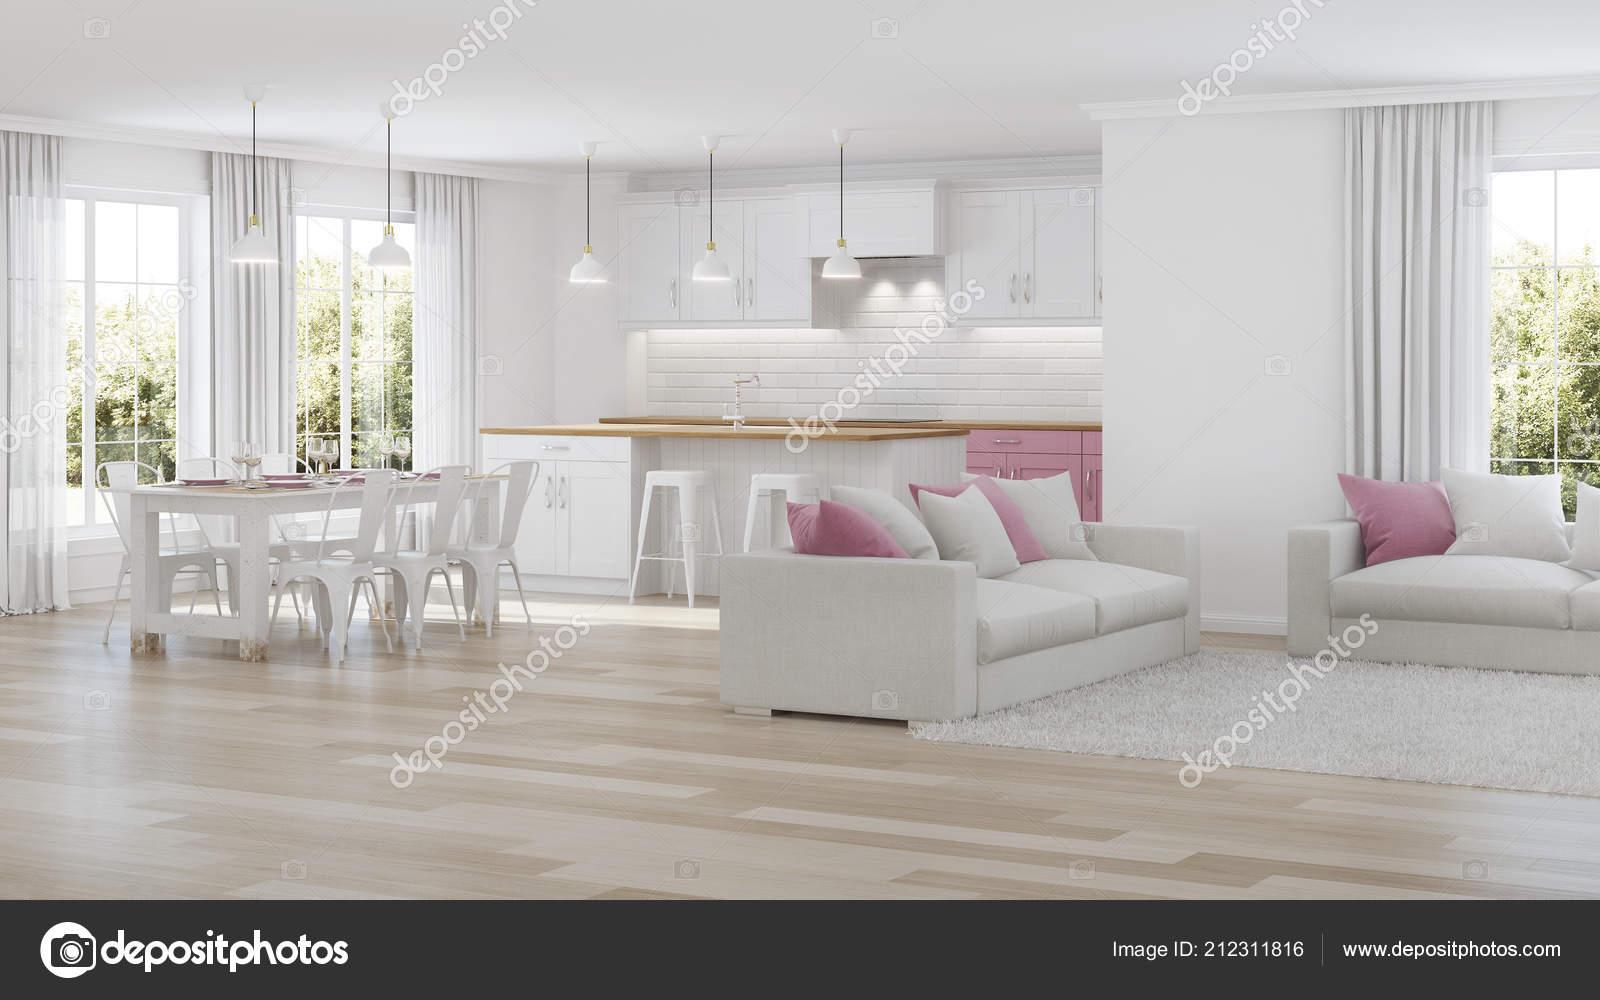 Intérieur De La Maison Moderne. Intérieur Blanc. Rendu 3Du2013 Images De Stock  Libres De Droits